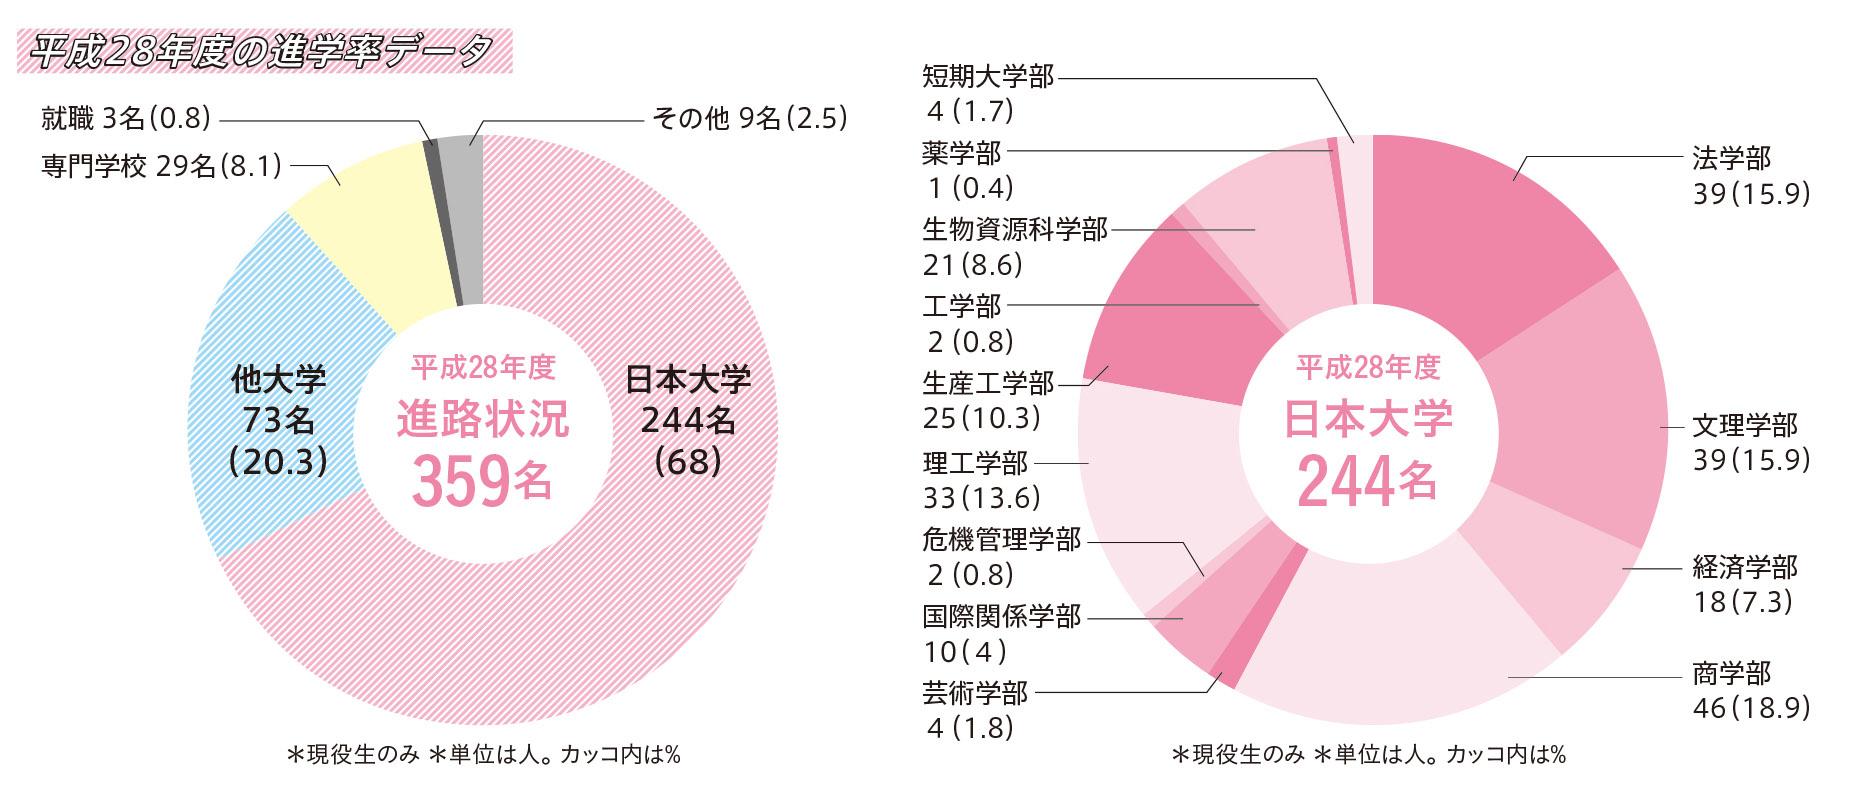 shinro_table16